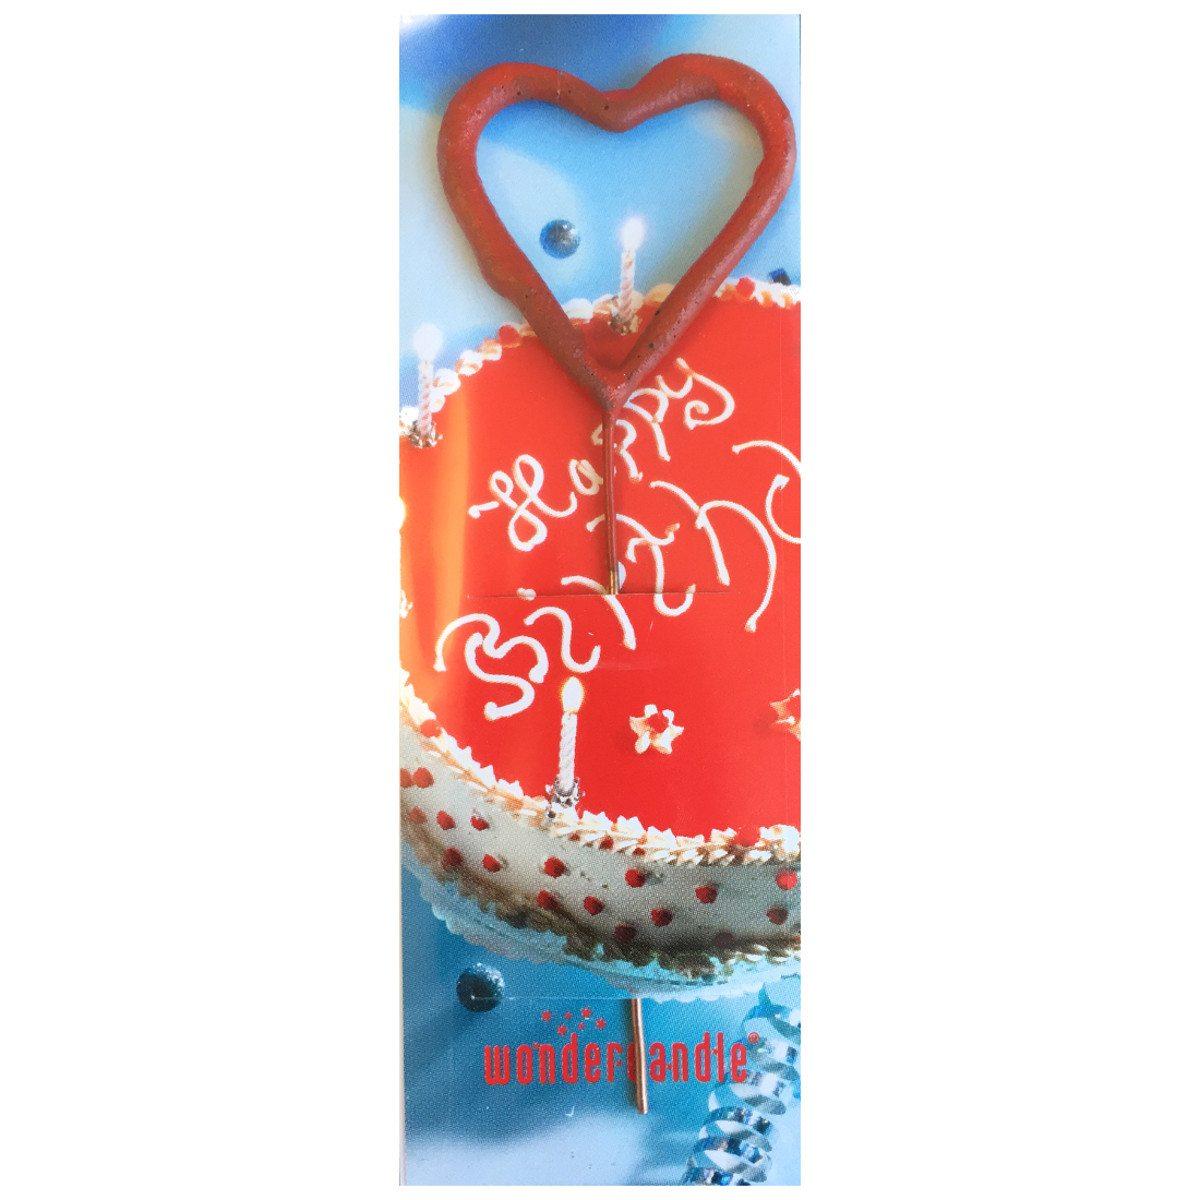 Vela corazón para cumpleaños muy románticos